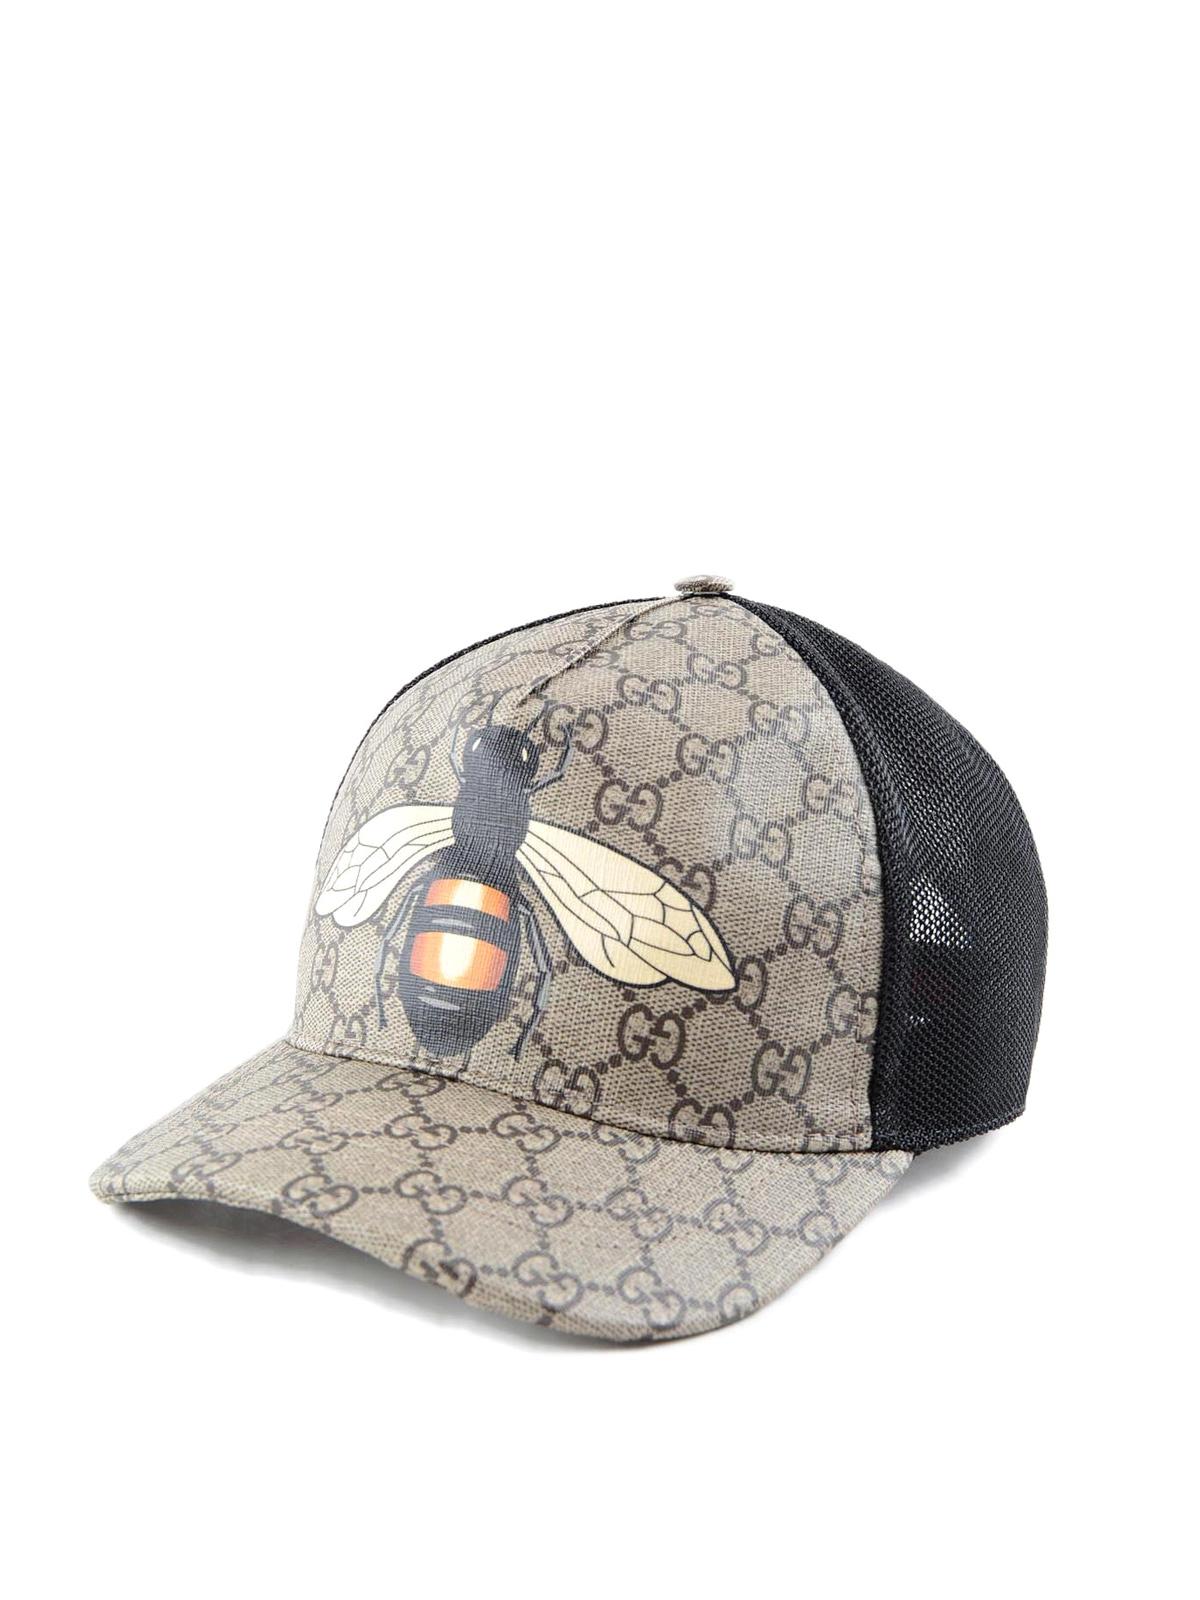 Gucci - Bee print GG Supreme baseball hat - کلاه - 426887 4HB12 2160 f2e1ddd5e64